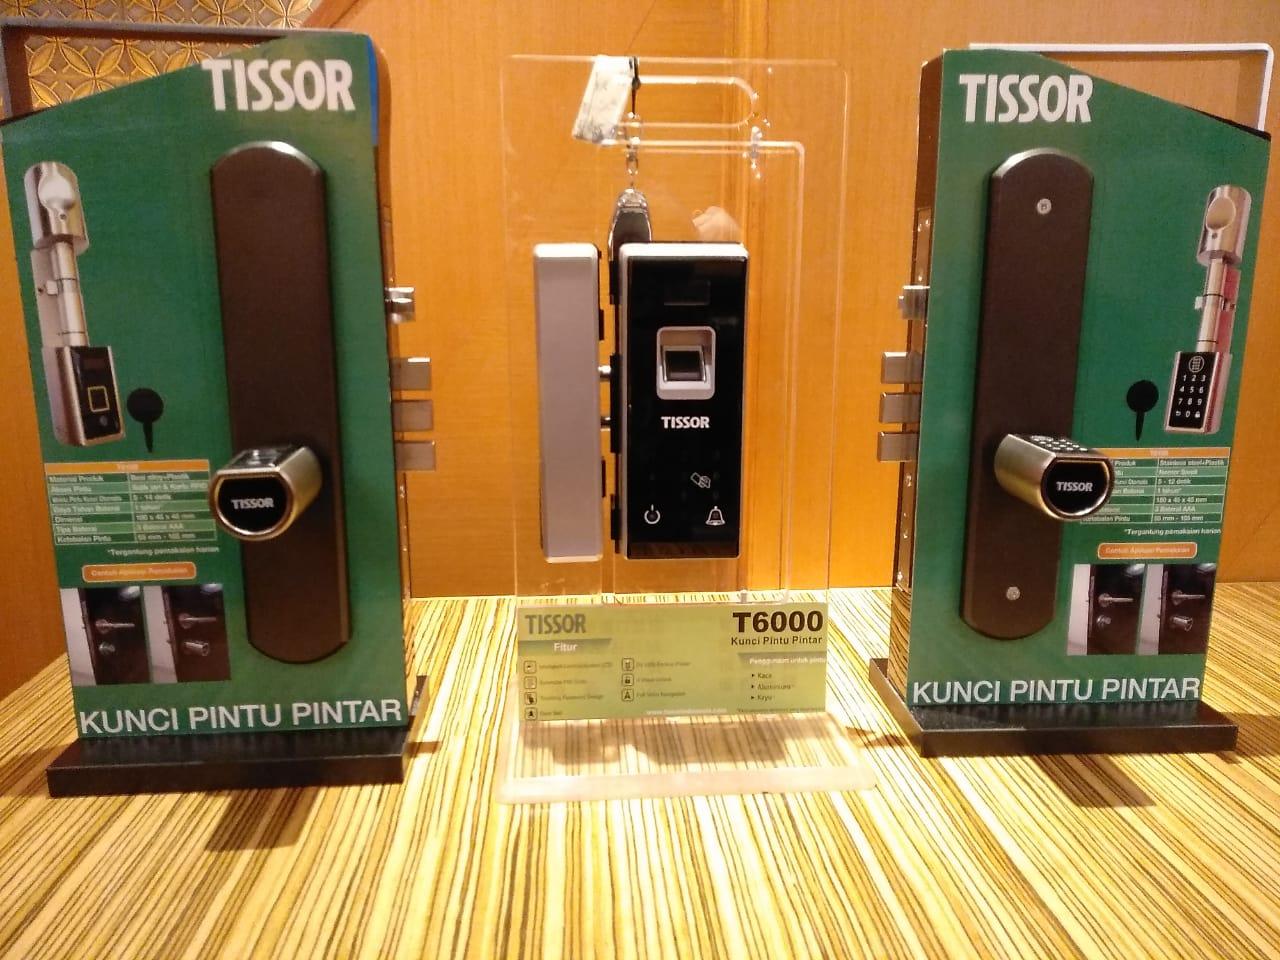 Tissor kunci pintu pintar digital.